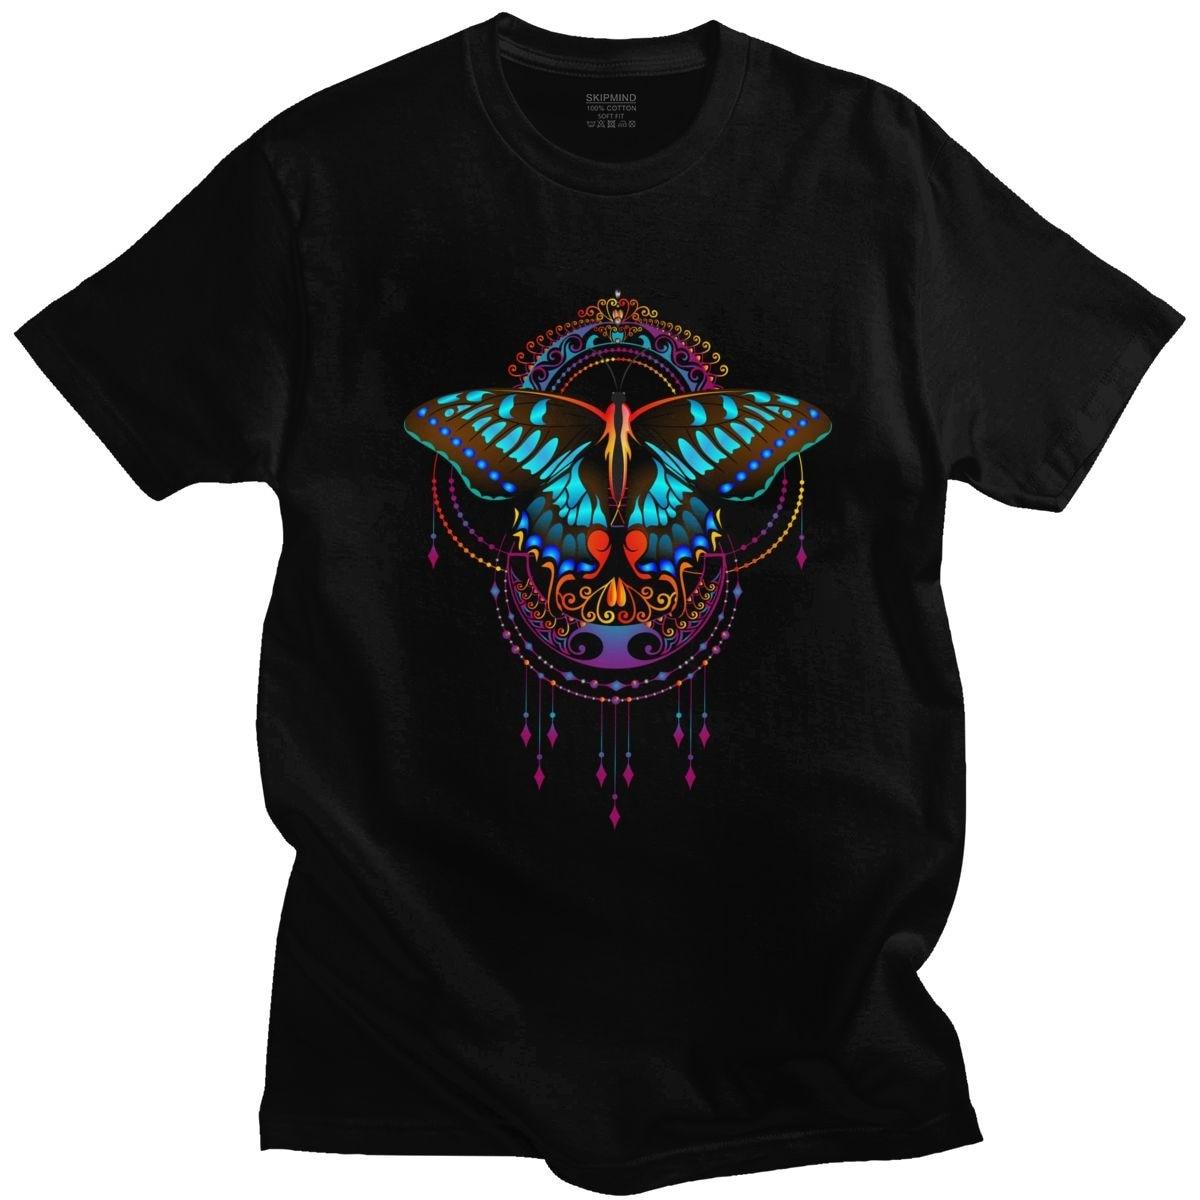 Camiseta de manga corta con estampado de Mandala, camisa de cuello redondo...